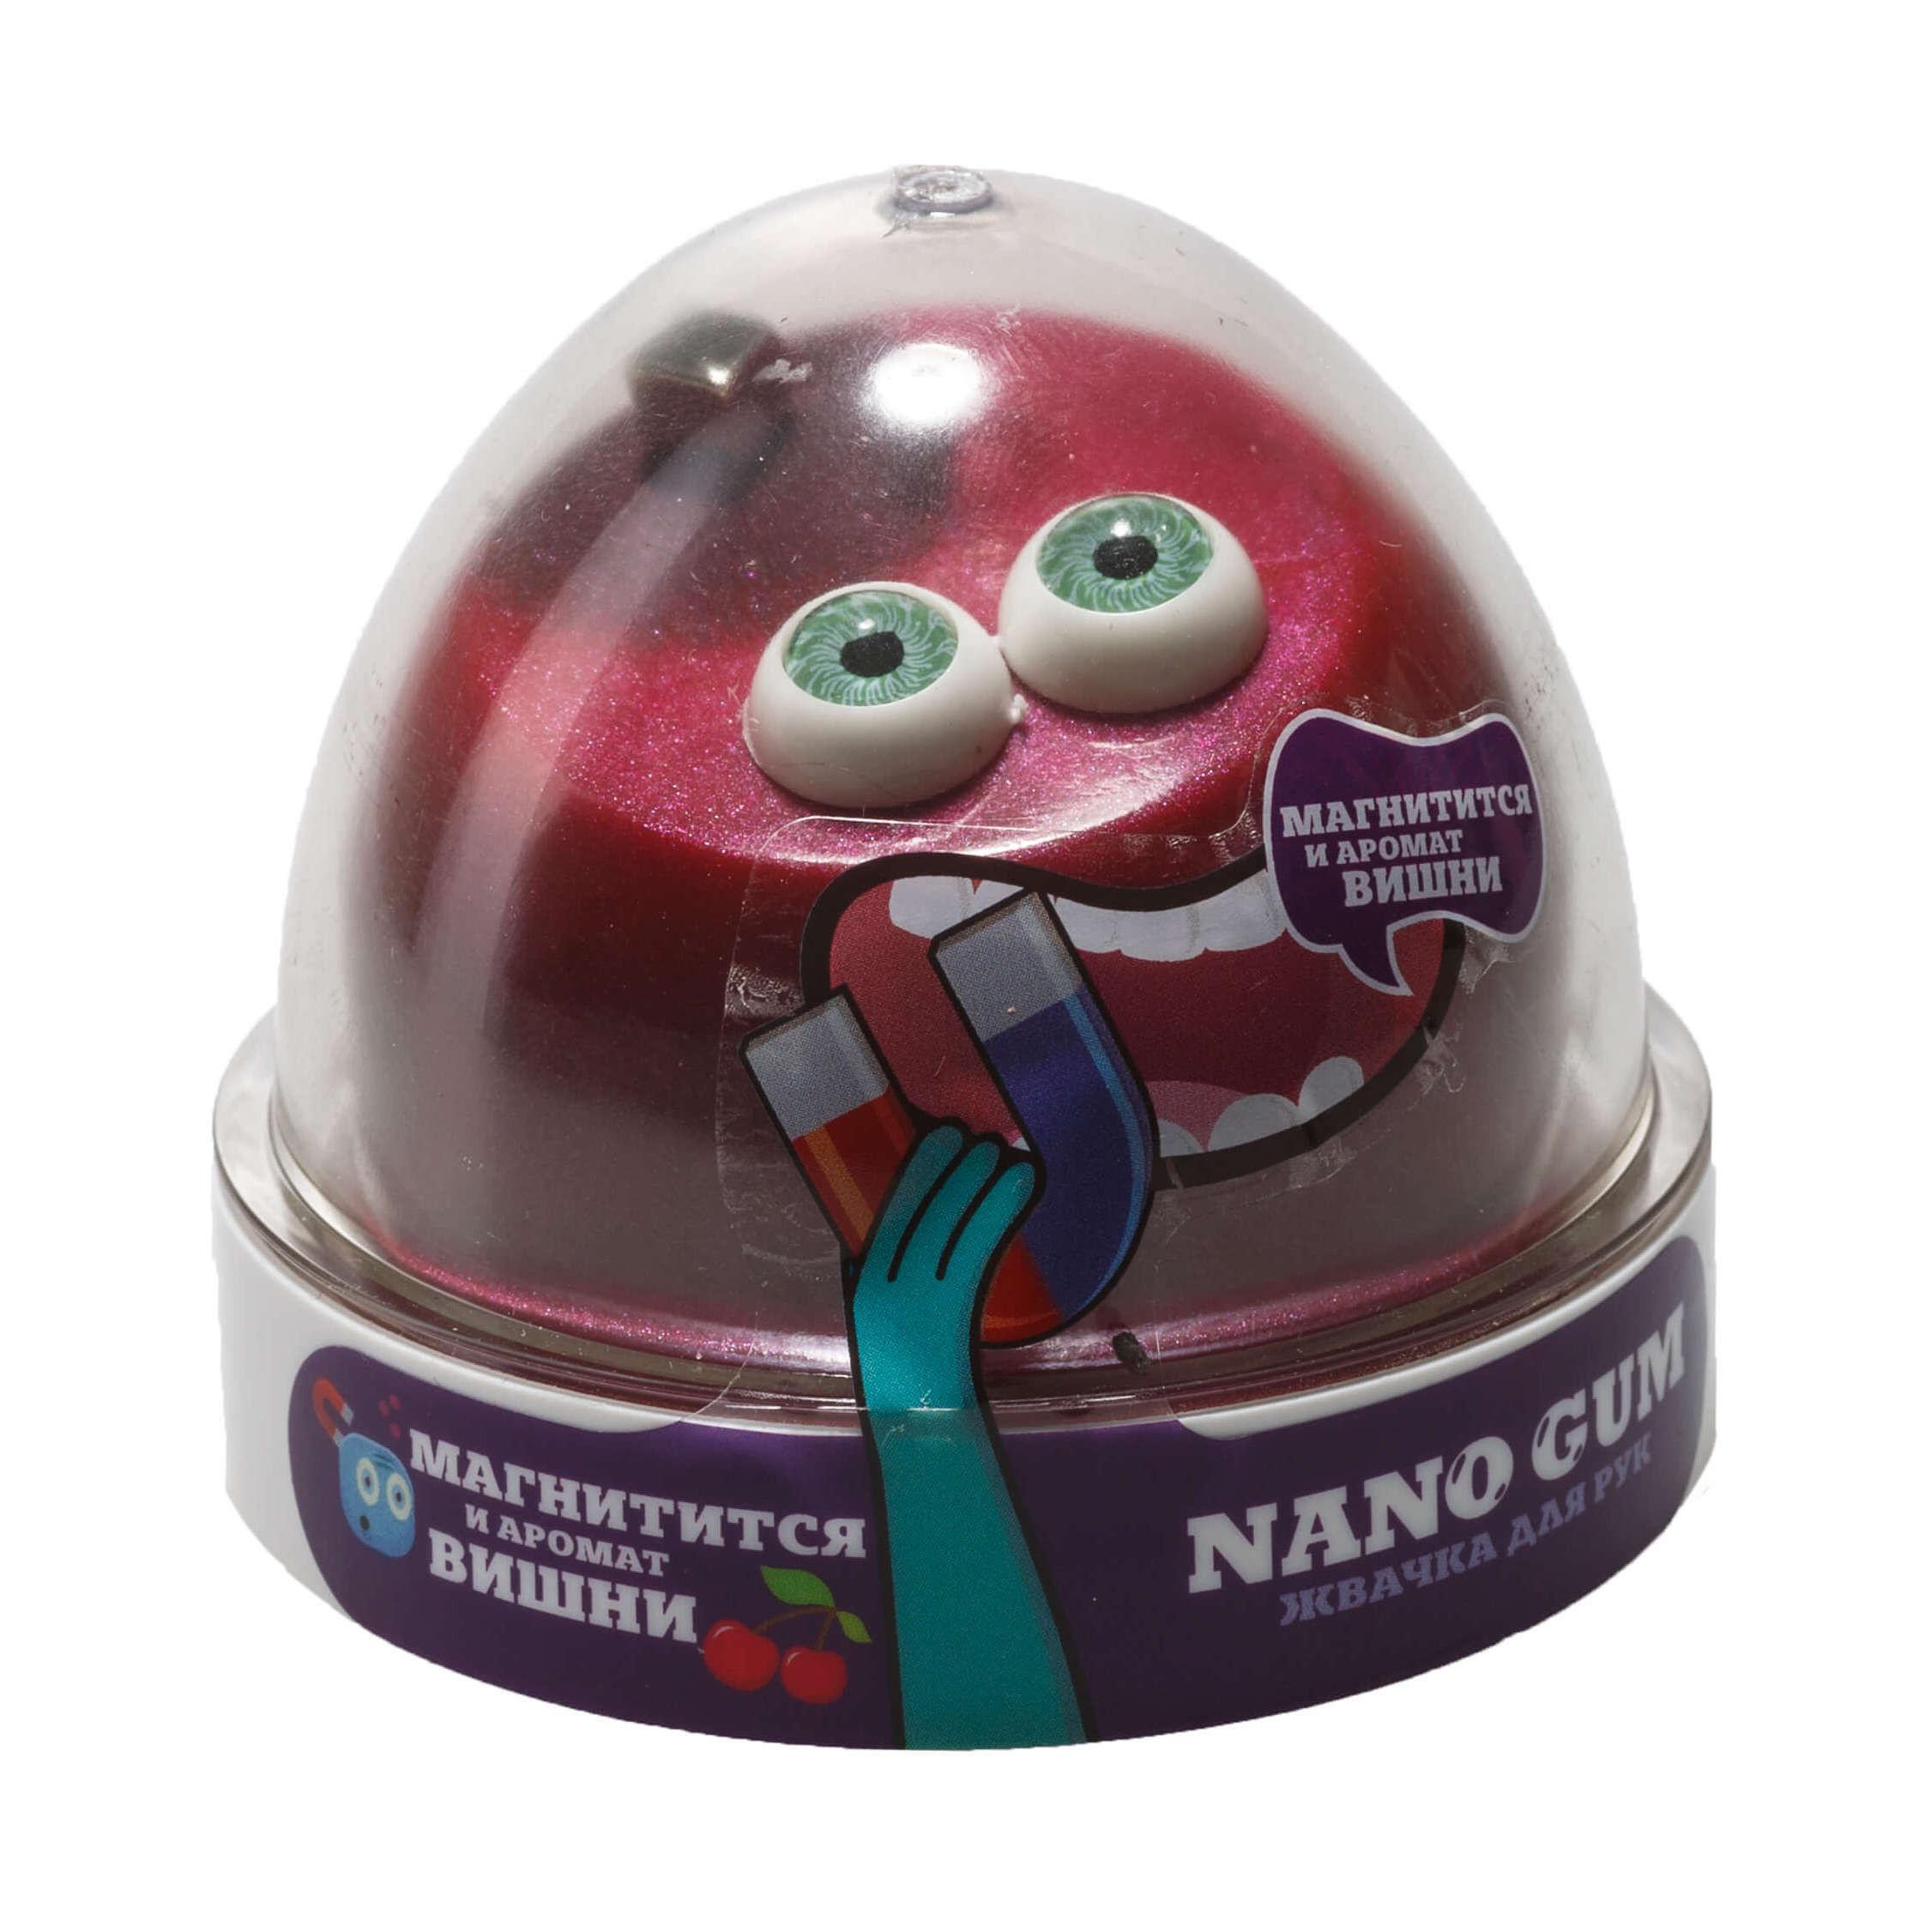 Жвачка для рук Nano gum, магнитный с ароматом вишни